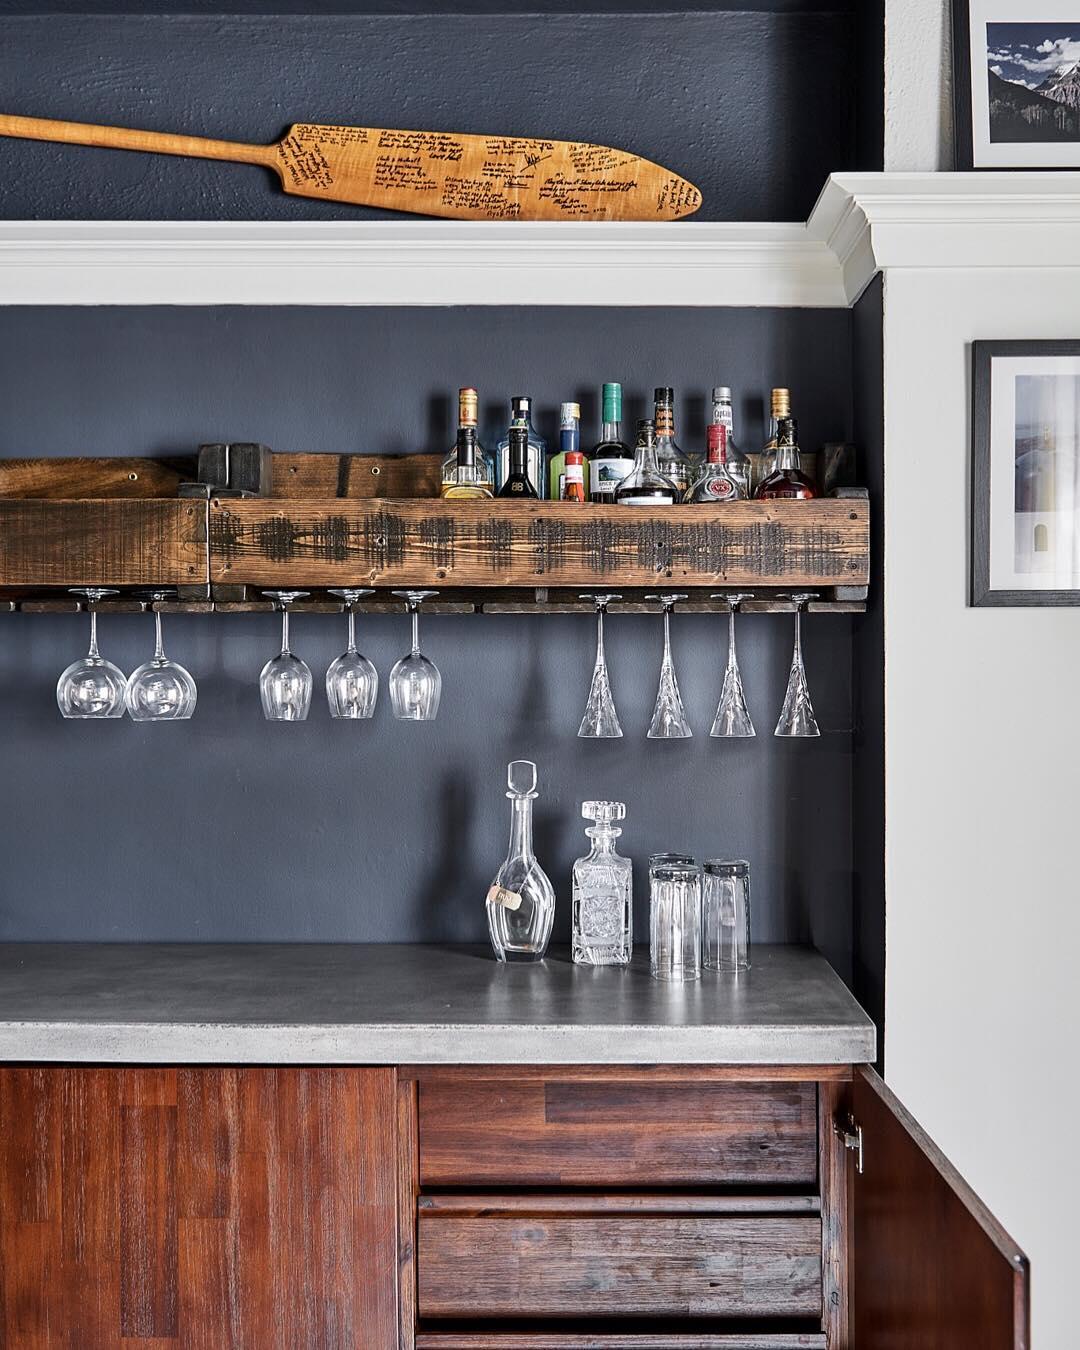 Custom wine rack and wall painted in Benjamin Moore Hale Navy